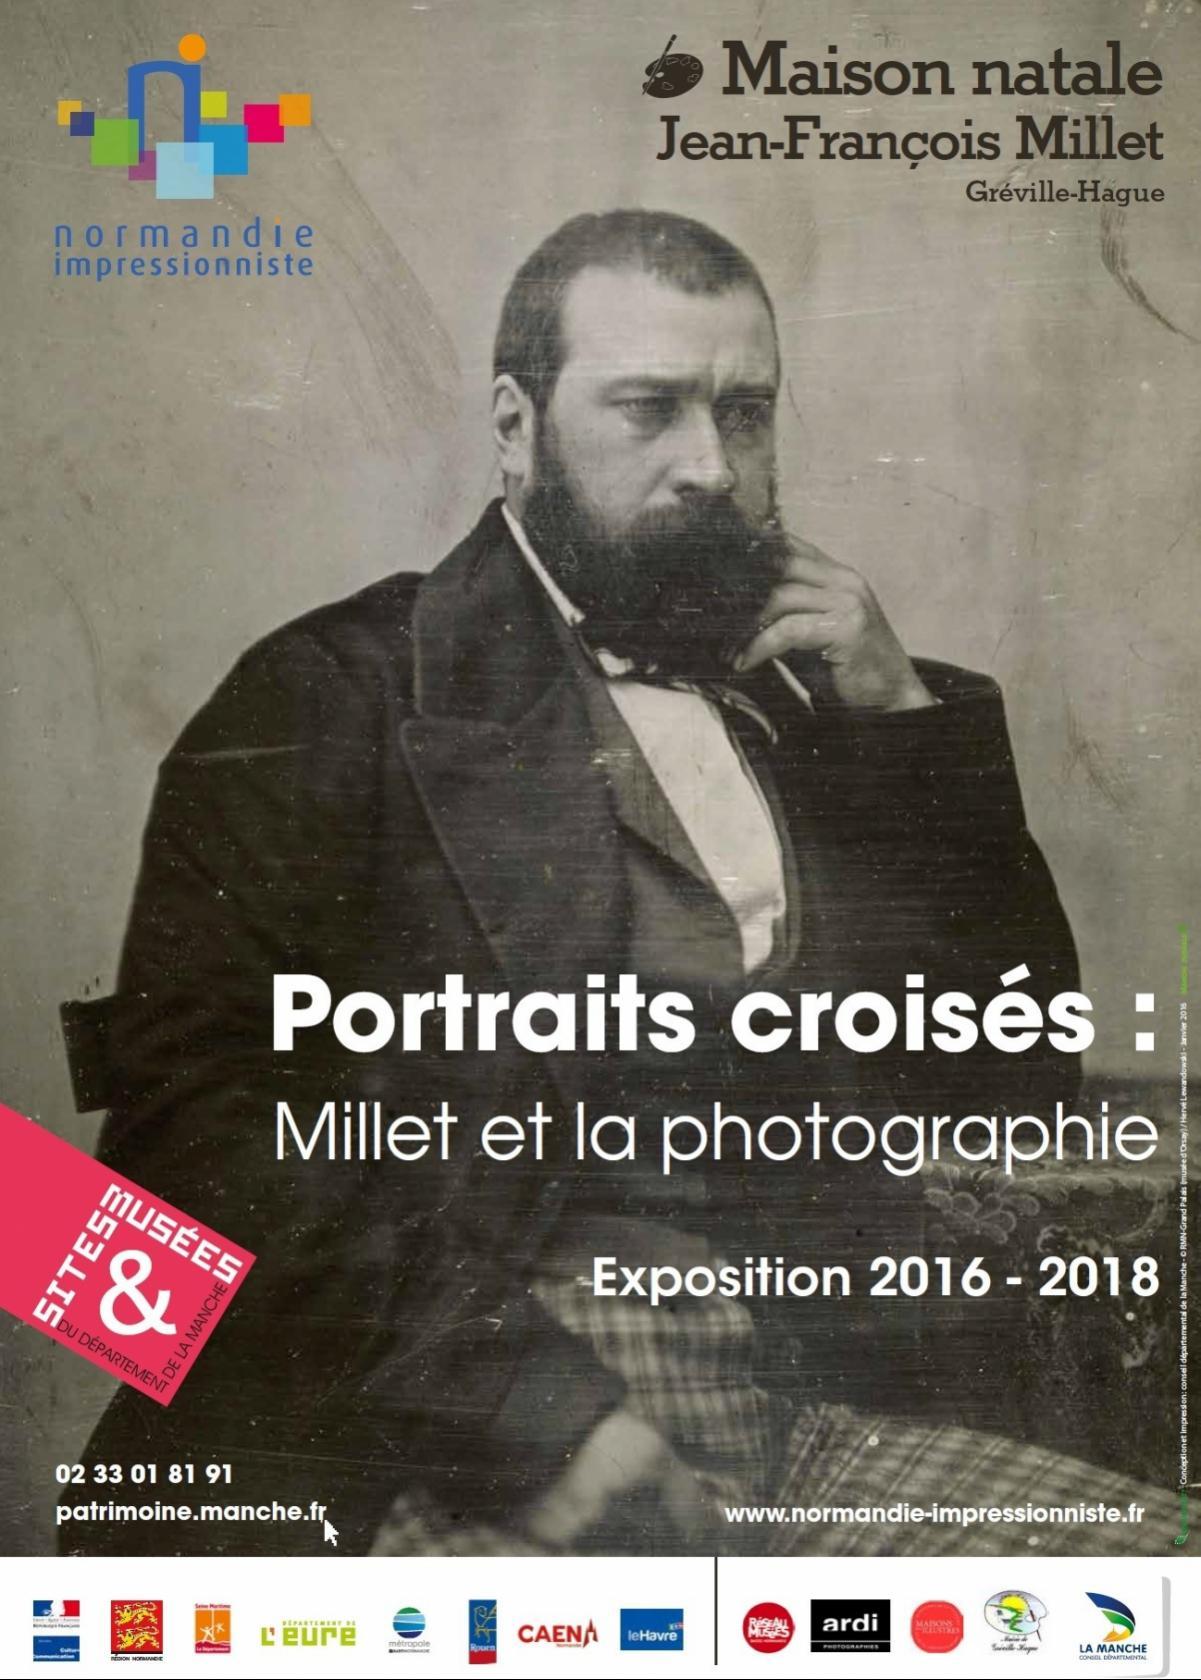 Portraits croisés Millet et photographie Gréville-Hague